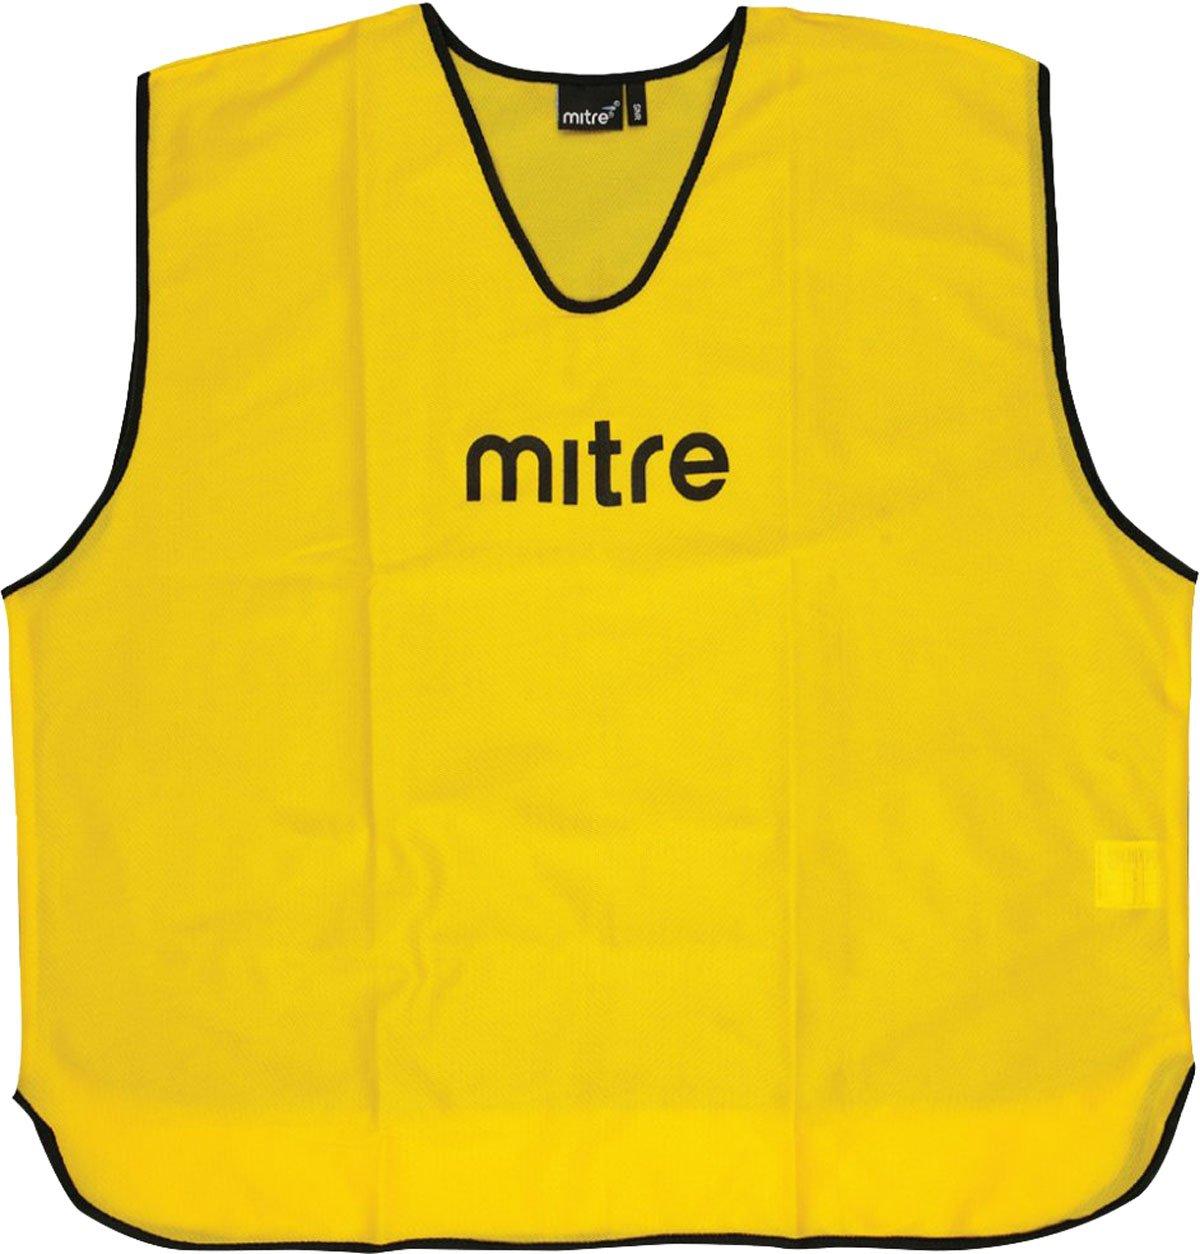 Mitre Coreネットボール/サッカースポーツチームウェアポリエステル100 %トレーニングBibs 25個パック B01CSU0LM6イエロー Senior